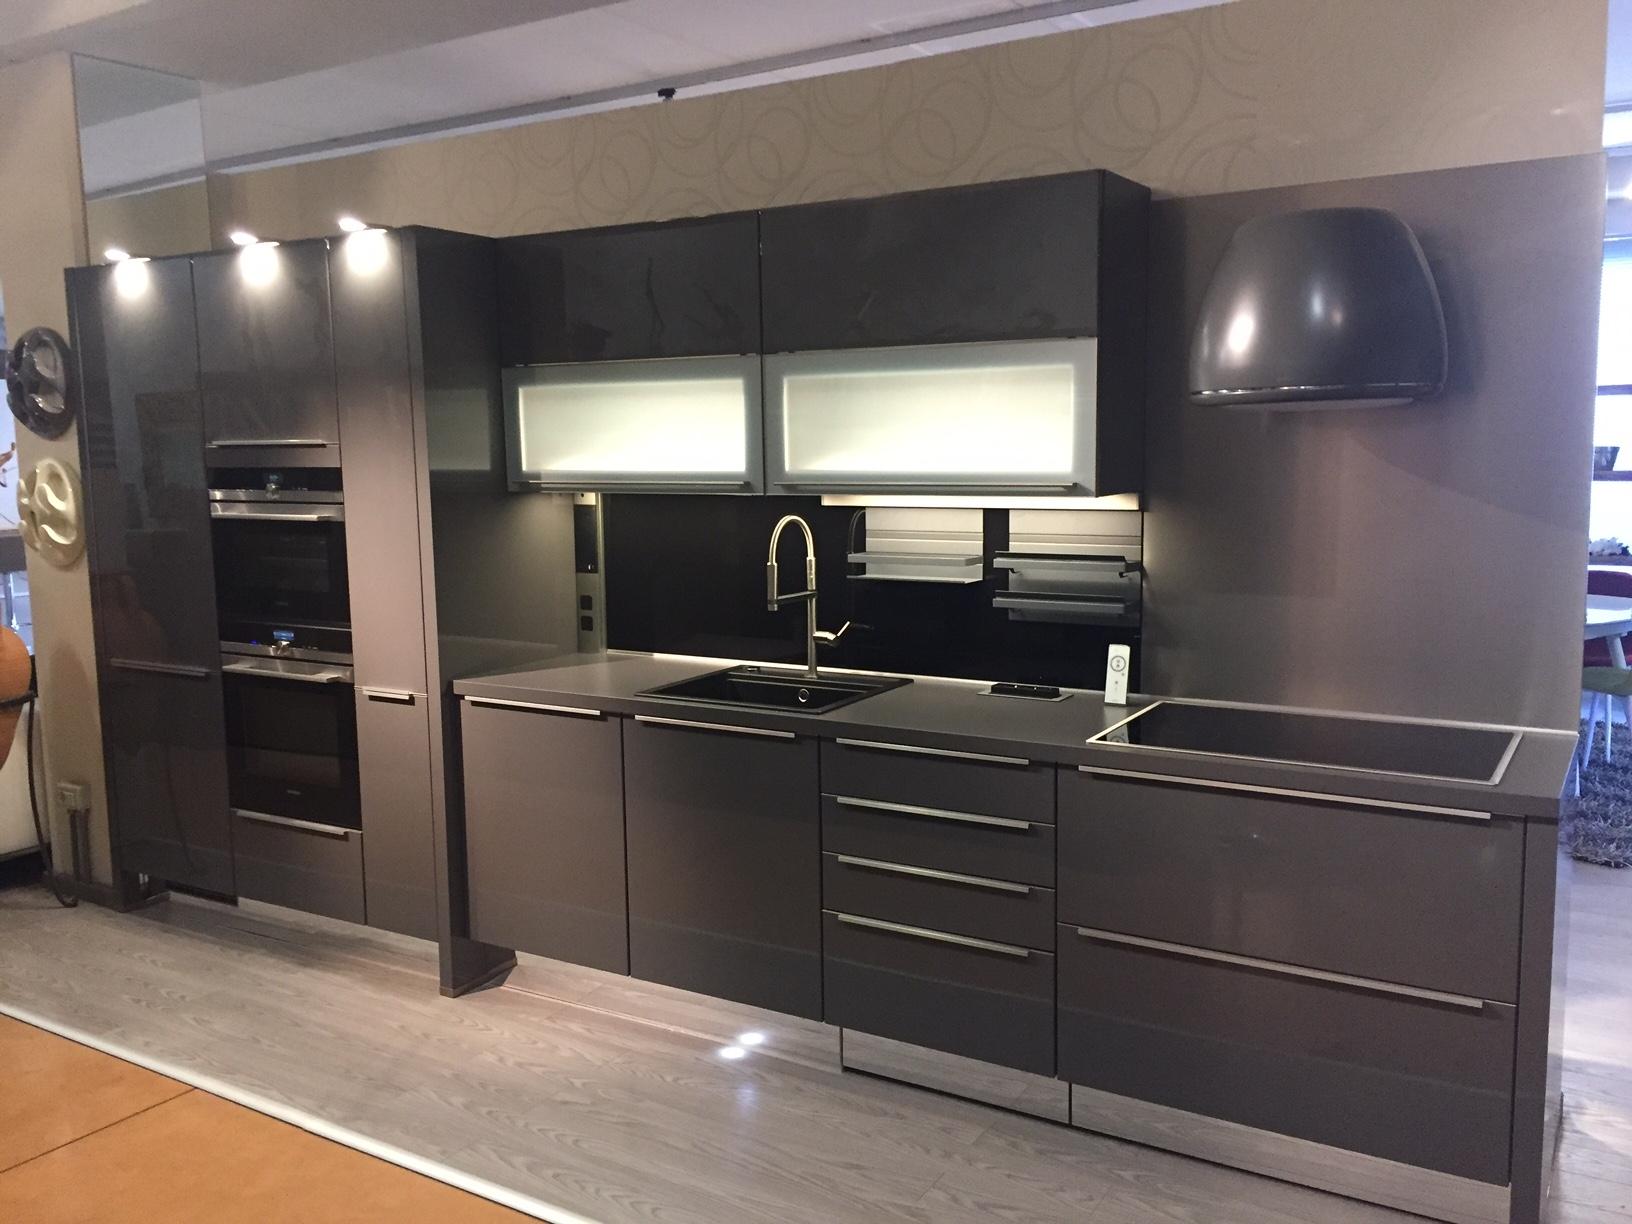 Cucina lineare a prezzi scontati cucine a prezzi scontati - Pitturare mobili cucina ...